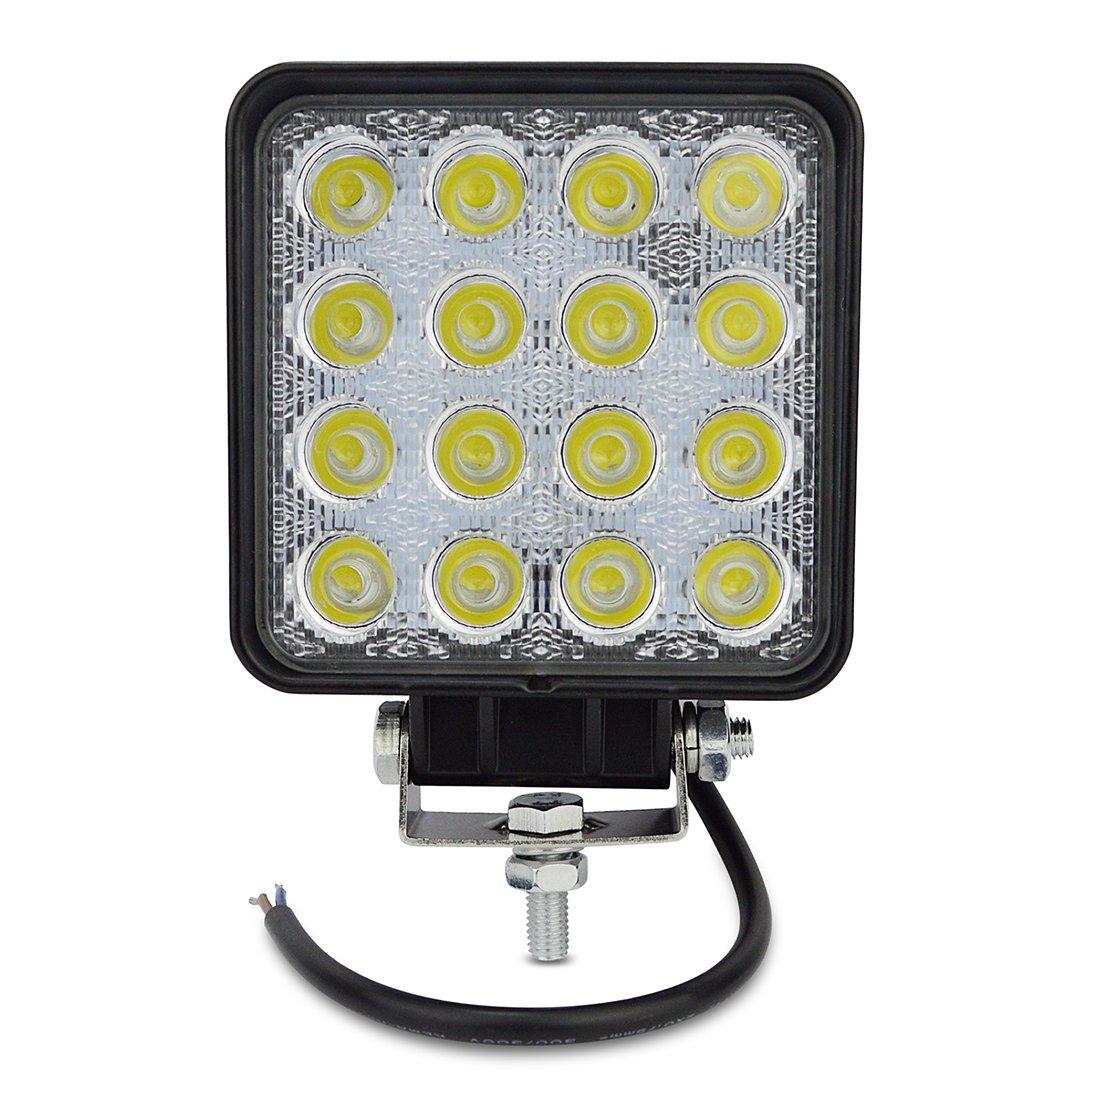 LED Lampes de travail 48W Lampes de brouillard Flood Astigmatisme LED Vé hicule Phare BAR pour Tout-terrain Chantier camions Remorque hors route Off-Road Bateau camions de pompiers XD